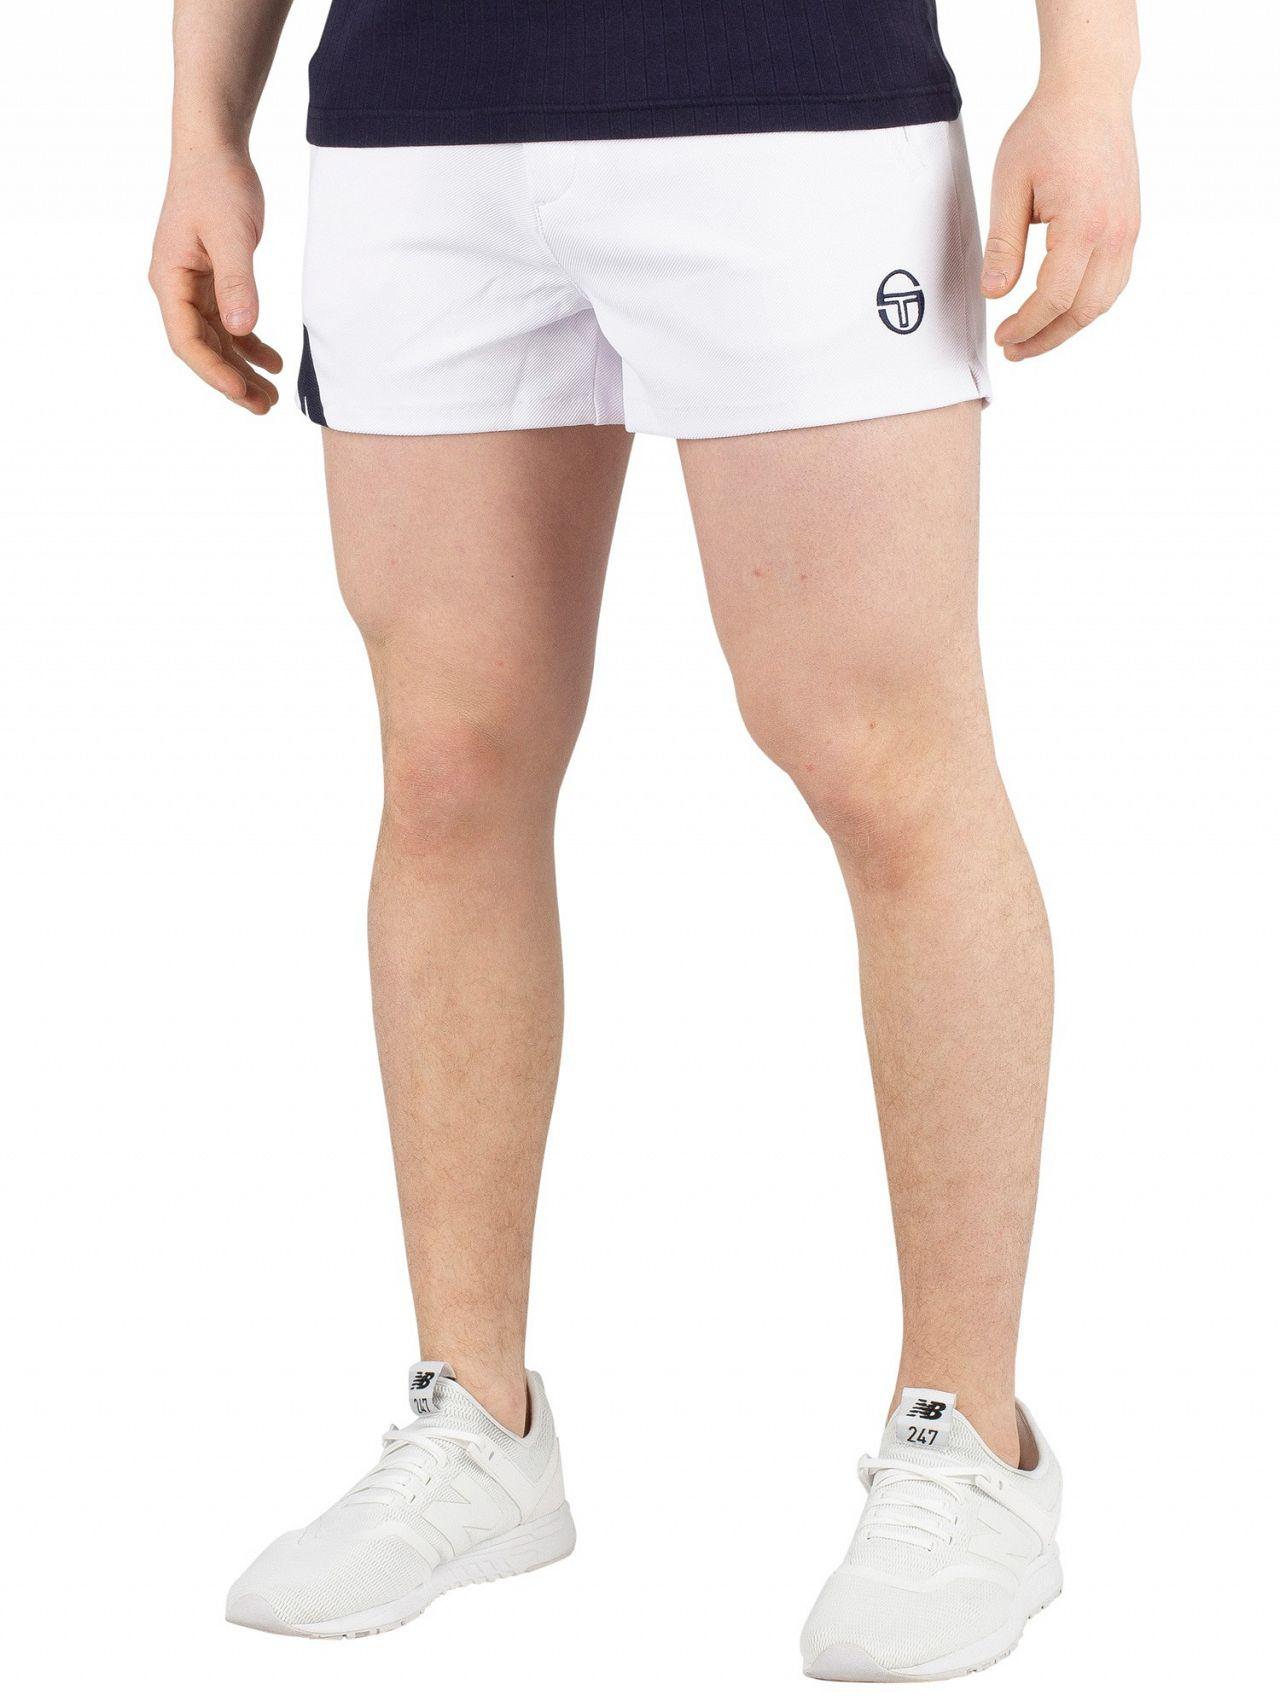 9682718d97e52 Sergio Tacchini White/Navy Time Archivio Sweat Shorts | Standout